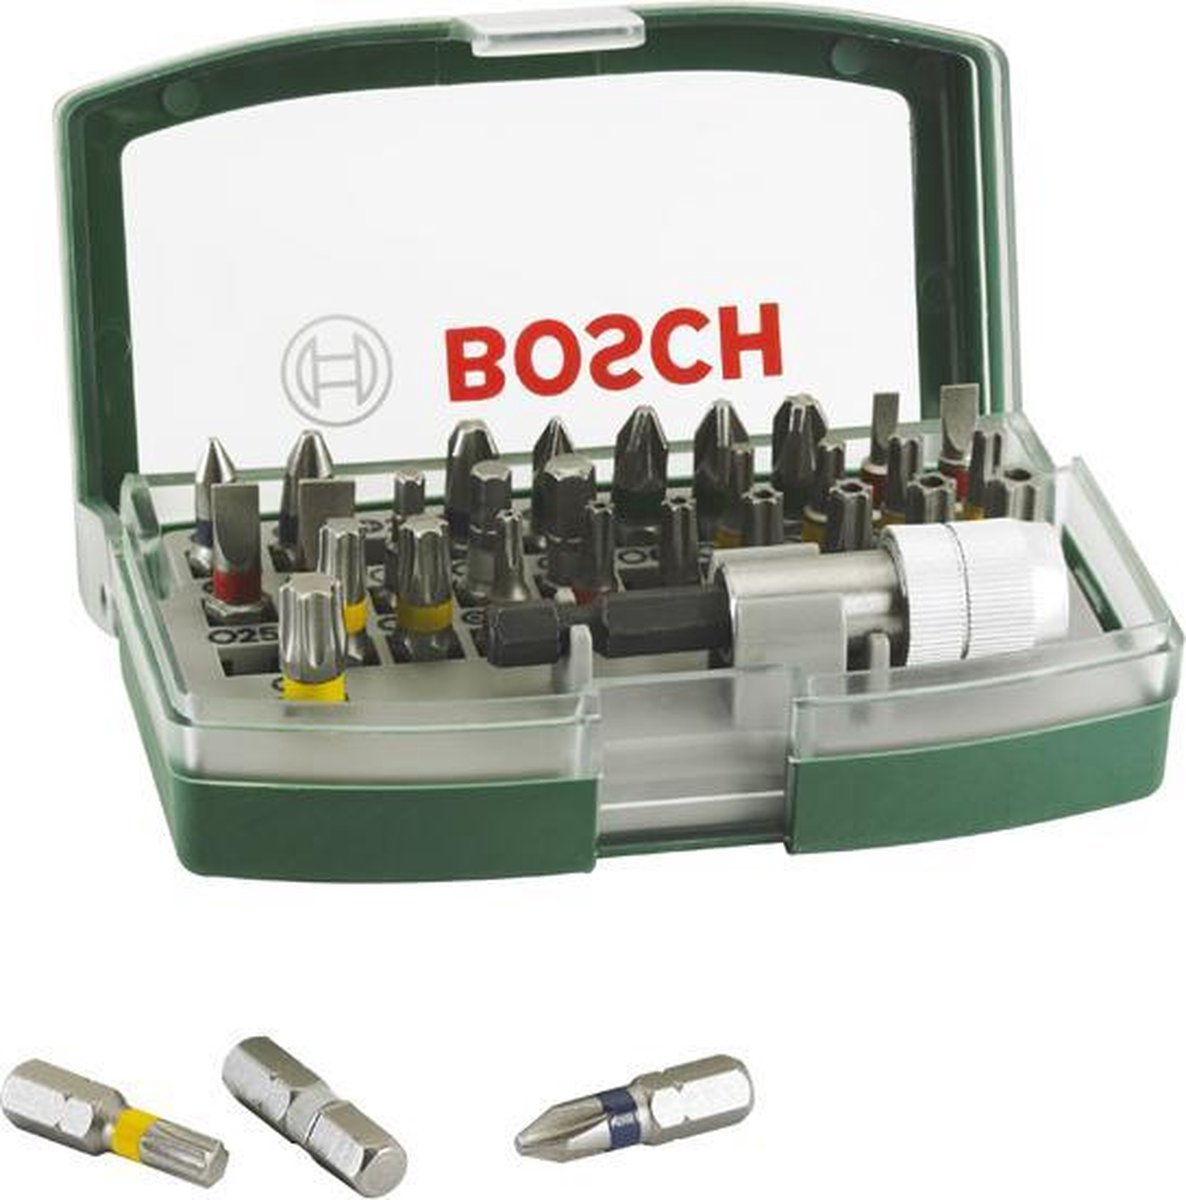 Bosch accessoire bitset - 32 delig - Met kleurcode